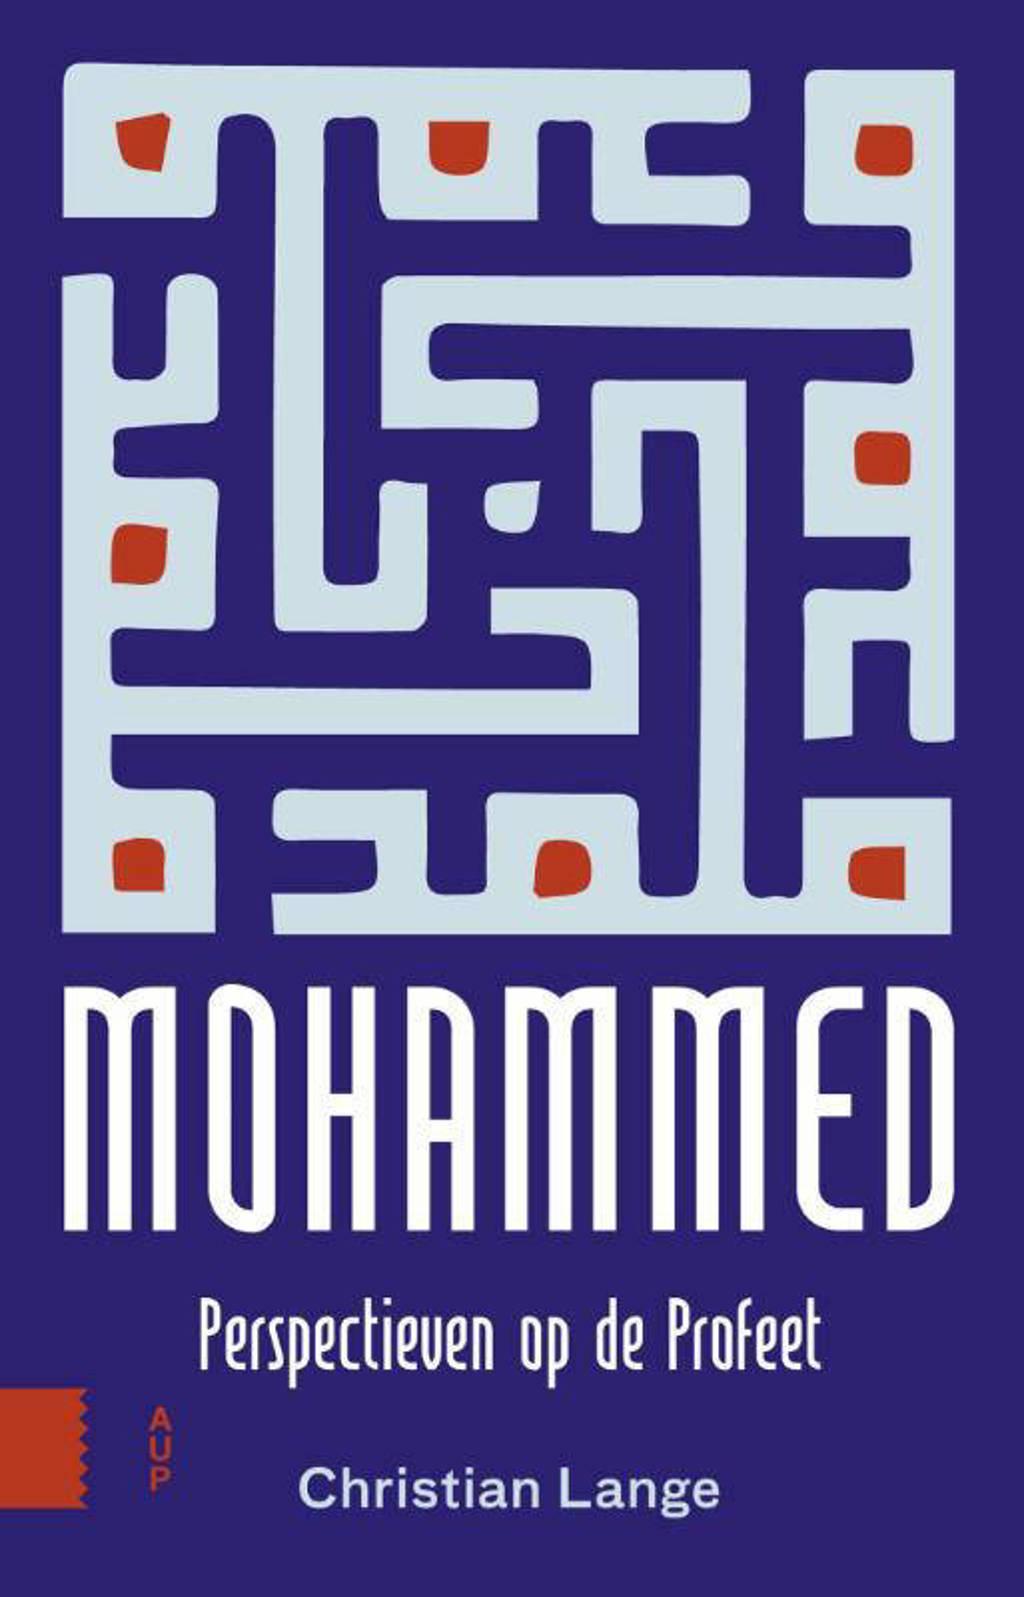 Mohammed - Christian Lange